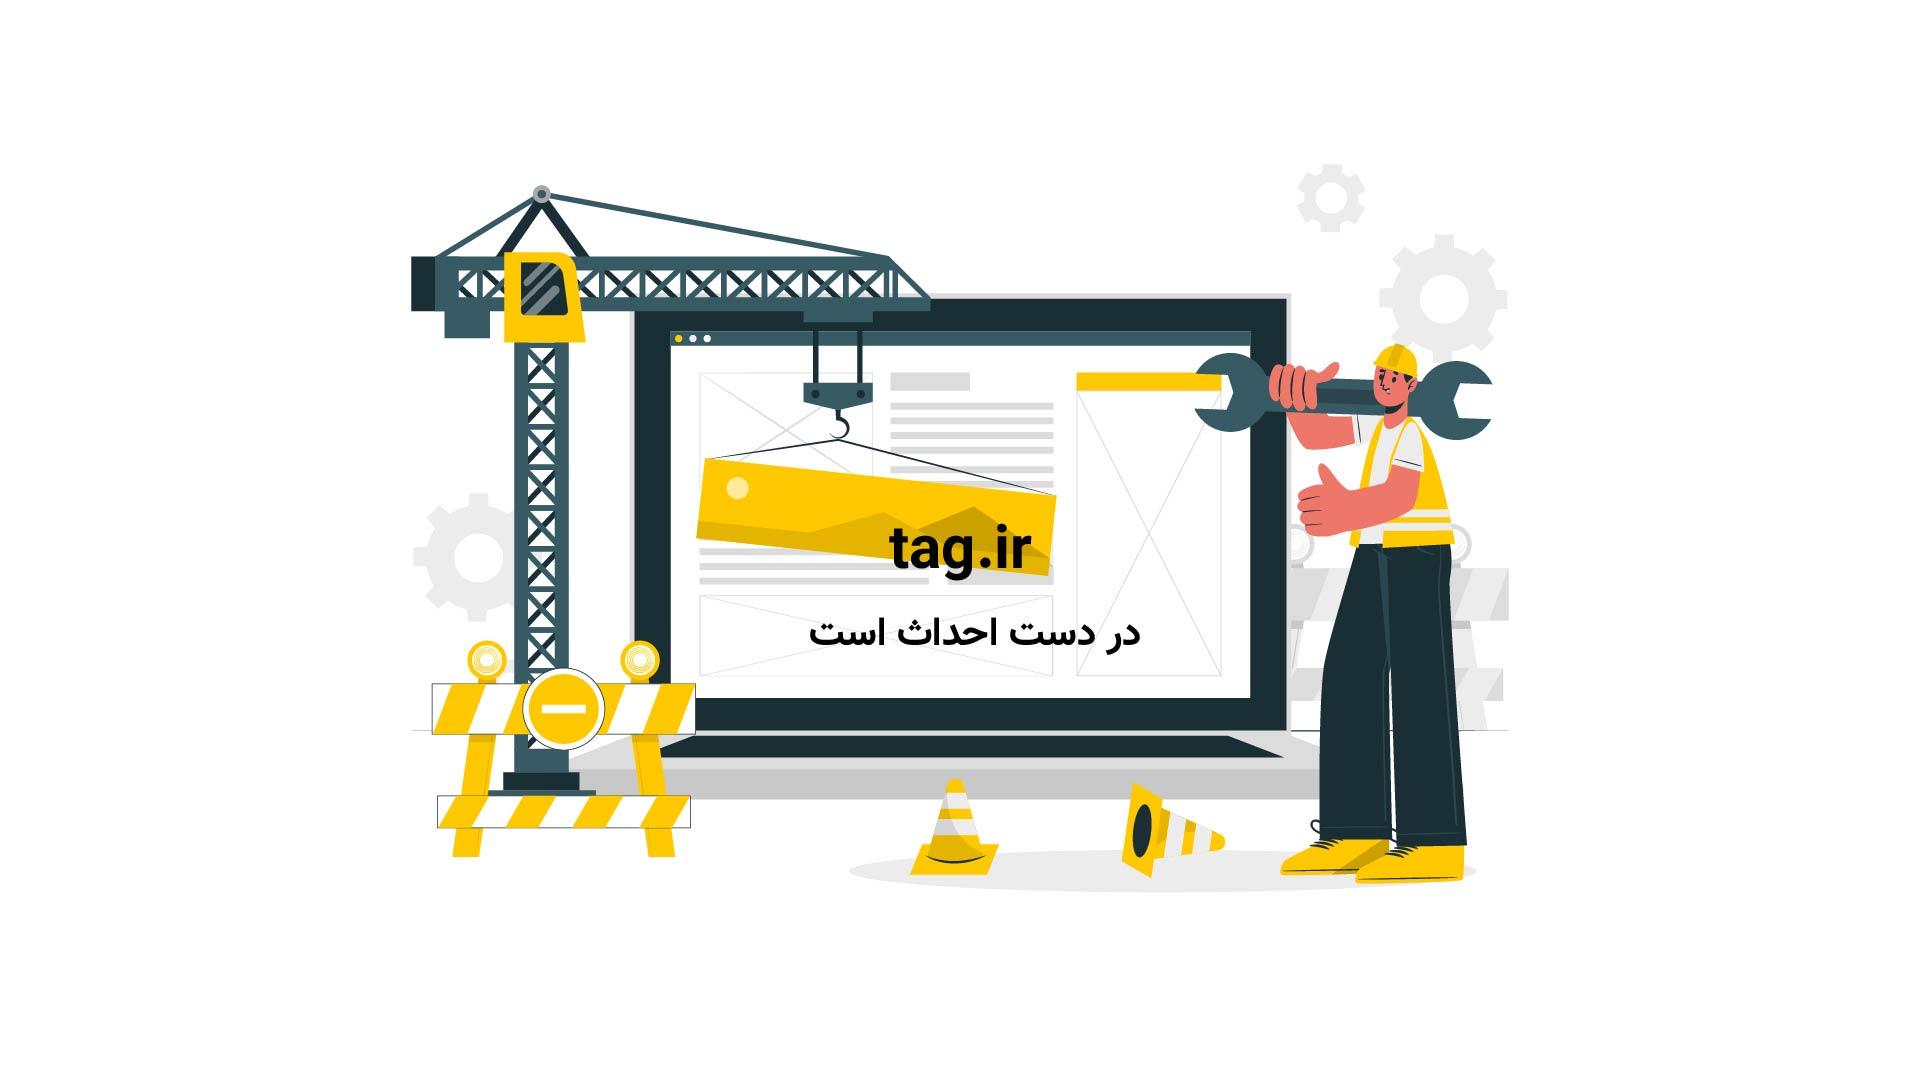 سخنرانی تد مارکوتمپست | تگ